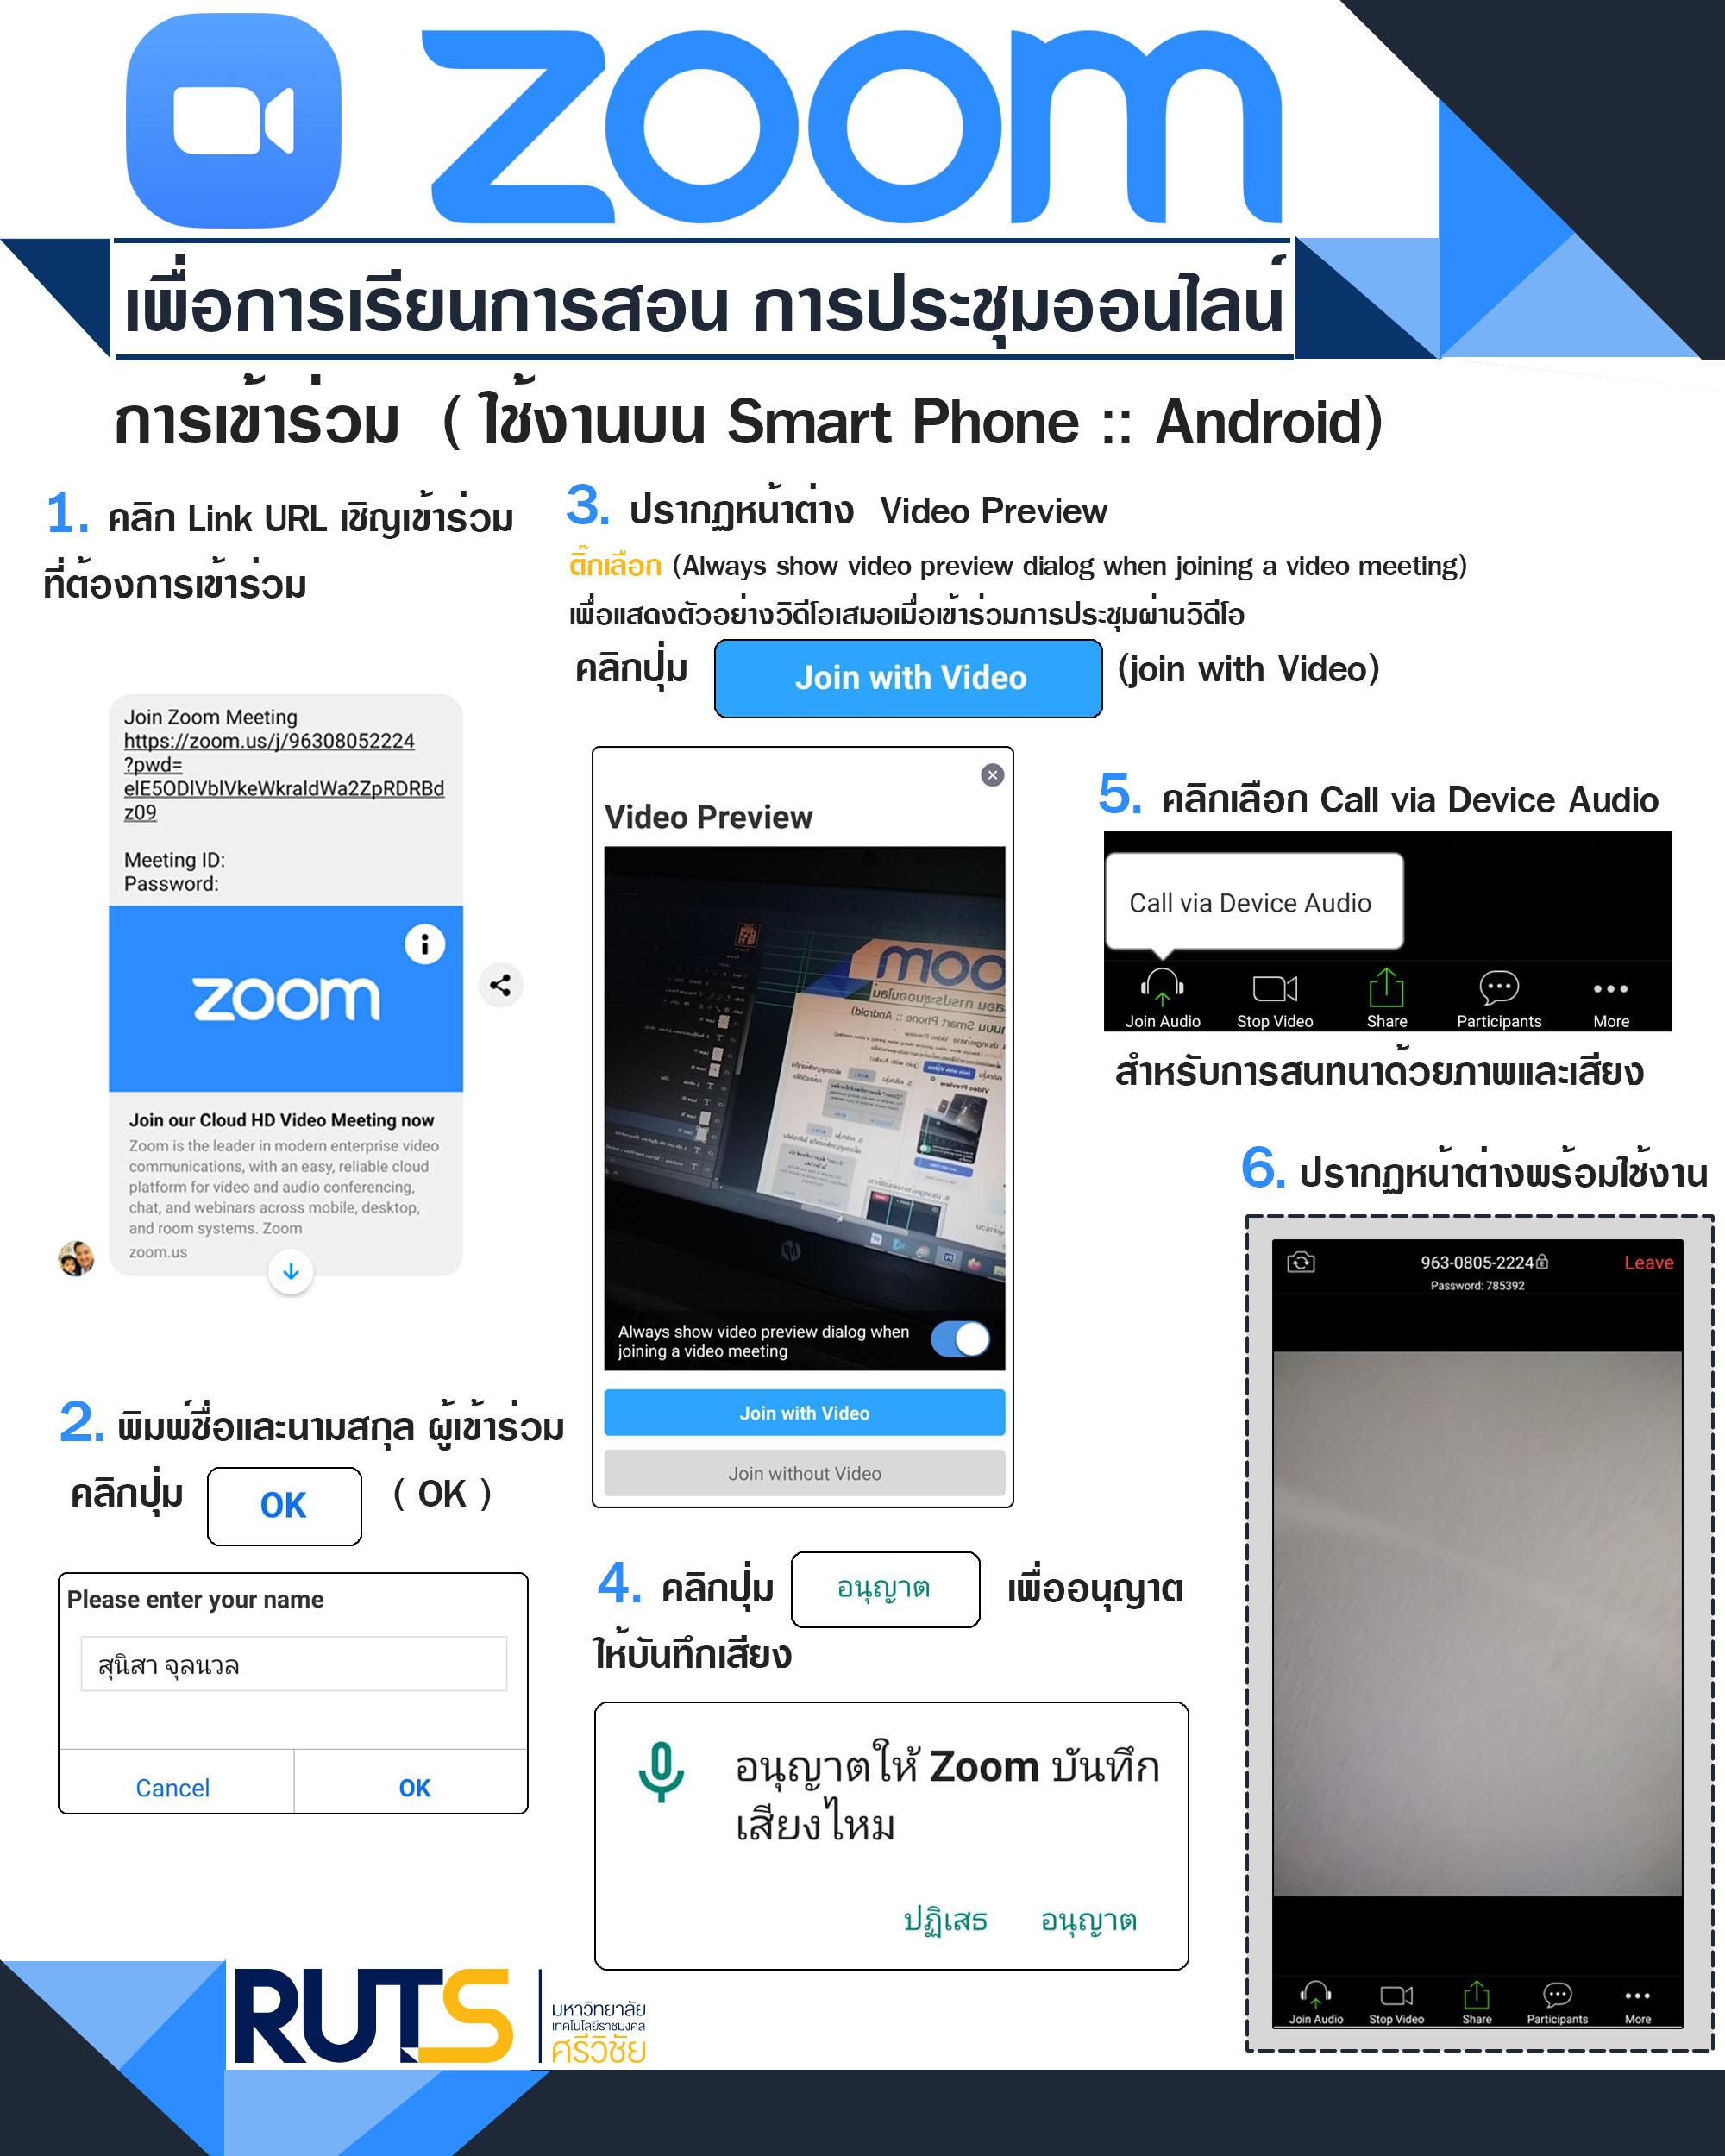 การเข้าใช้งาน บน Smart Phone Android